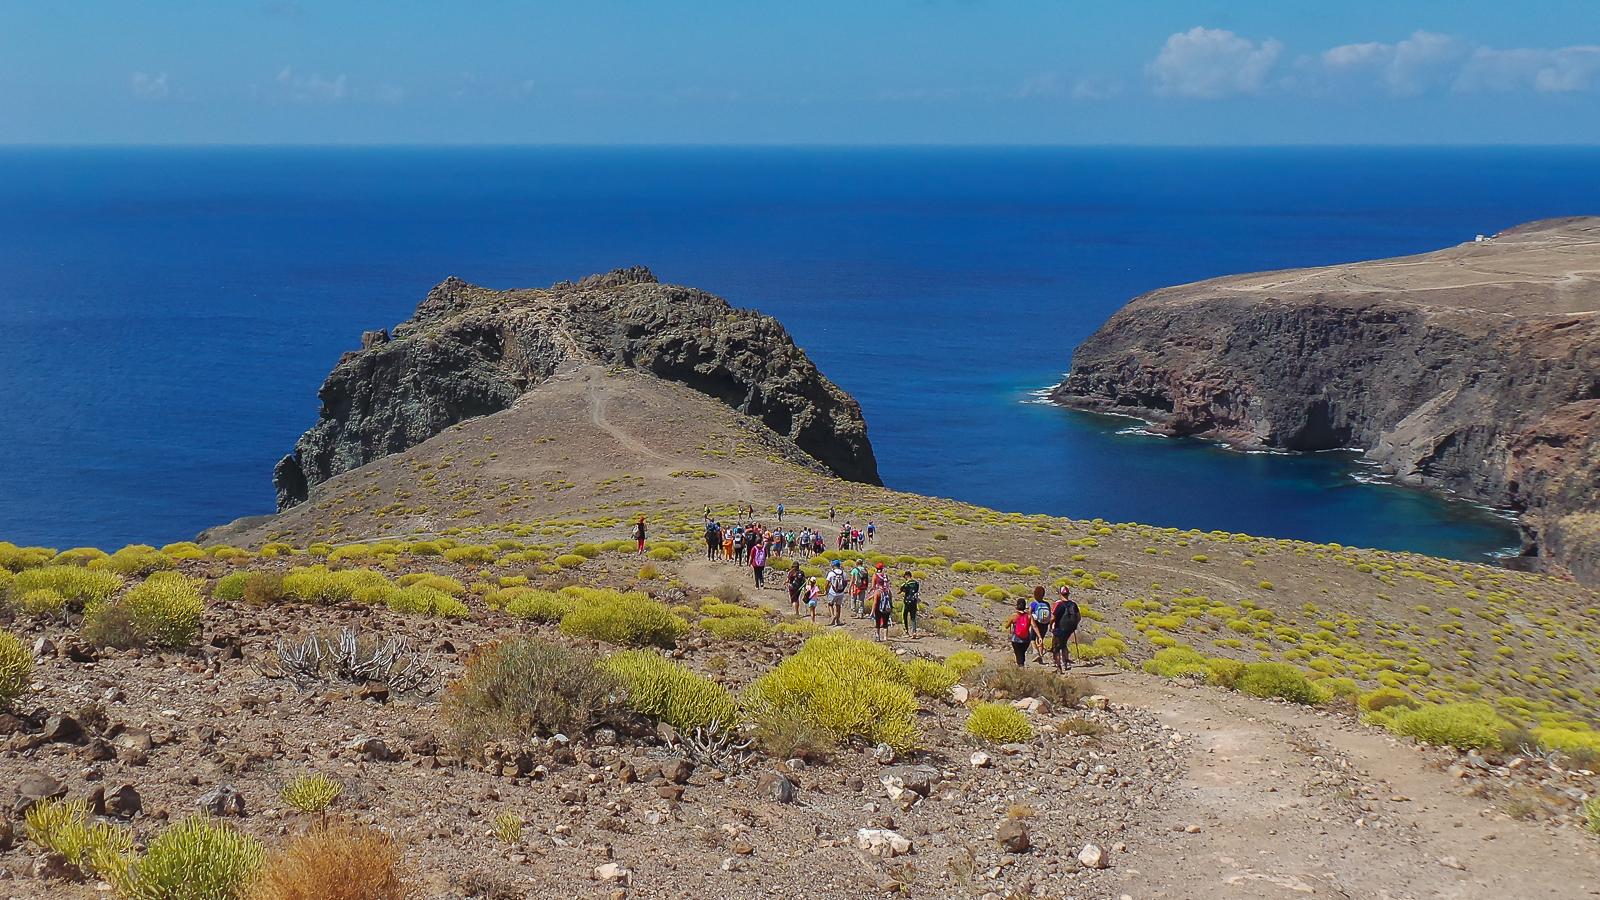 Playa el juncal costa de agaete en gran canaria isla de - El baul gran canaria ...